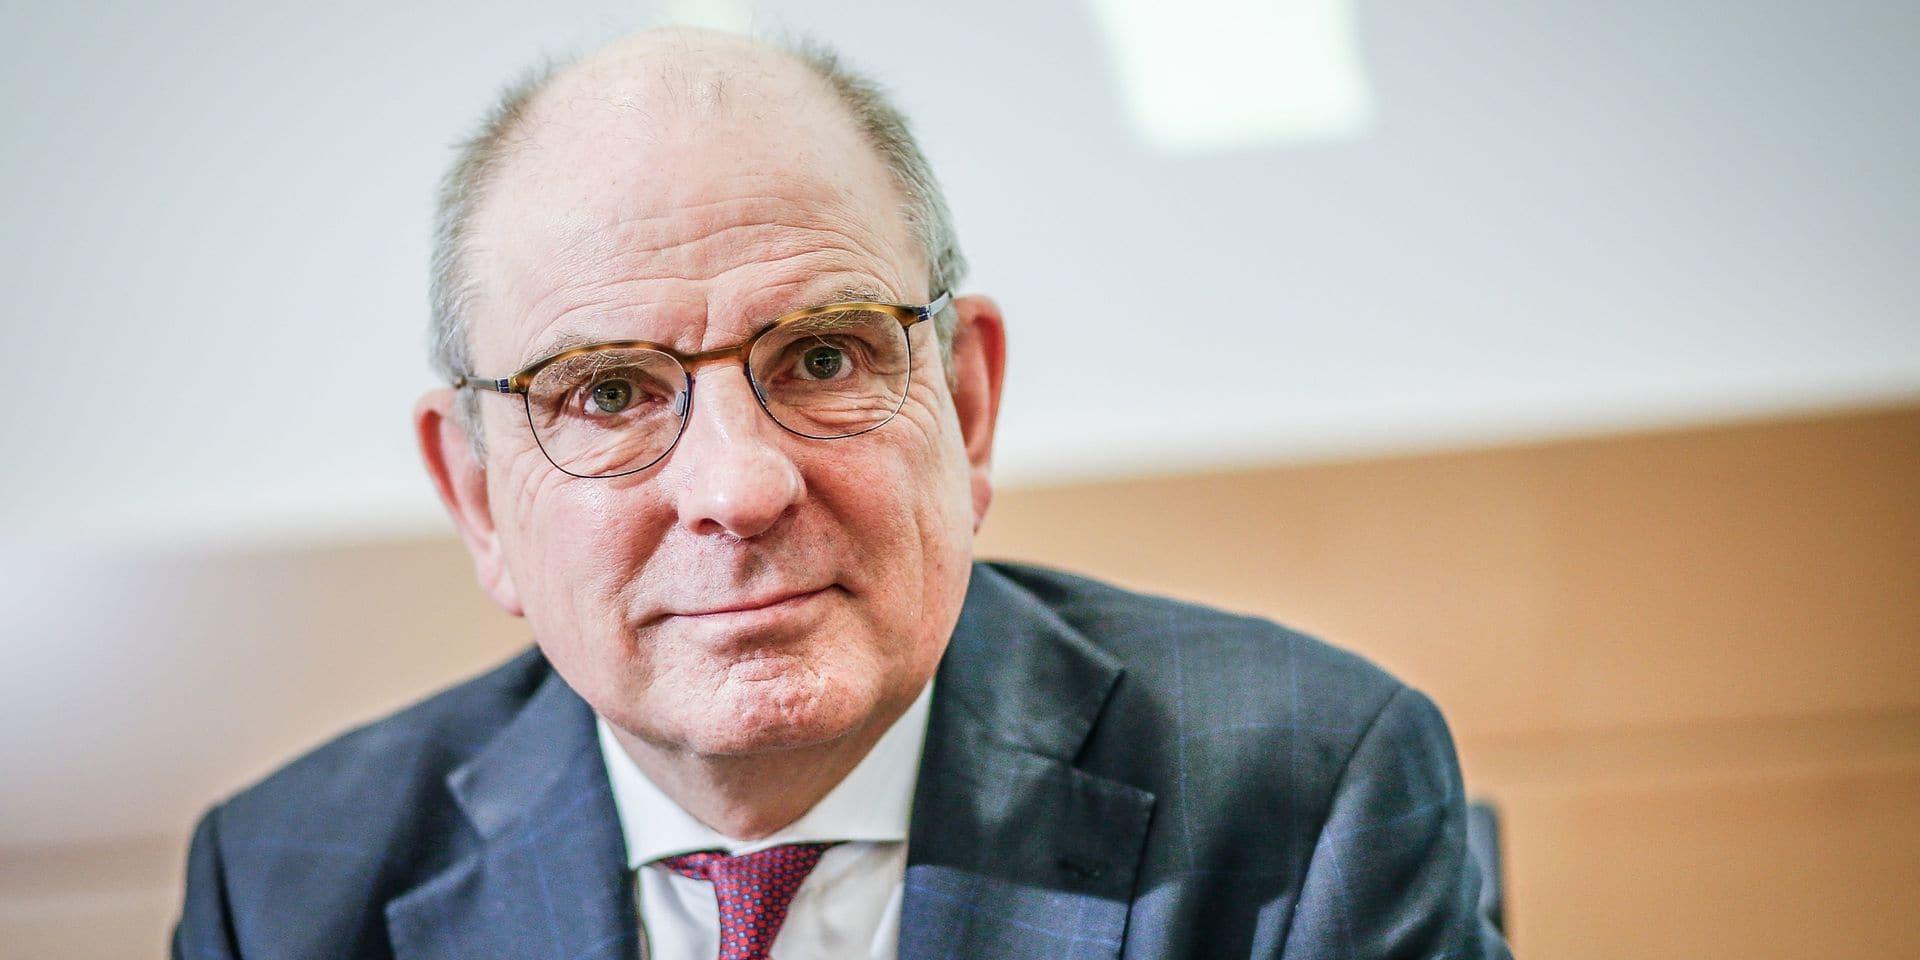 La justice bruxelloise veut déplacer les grands procès vers le bâtiment de l'OTAN